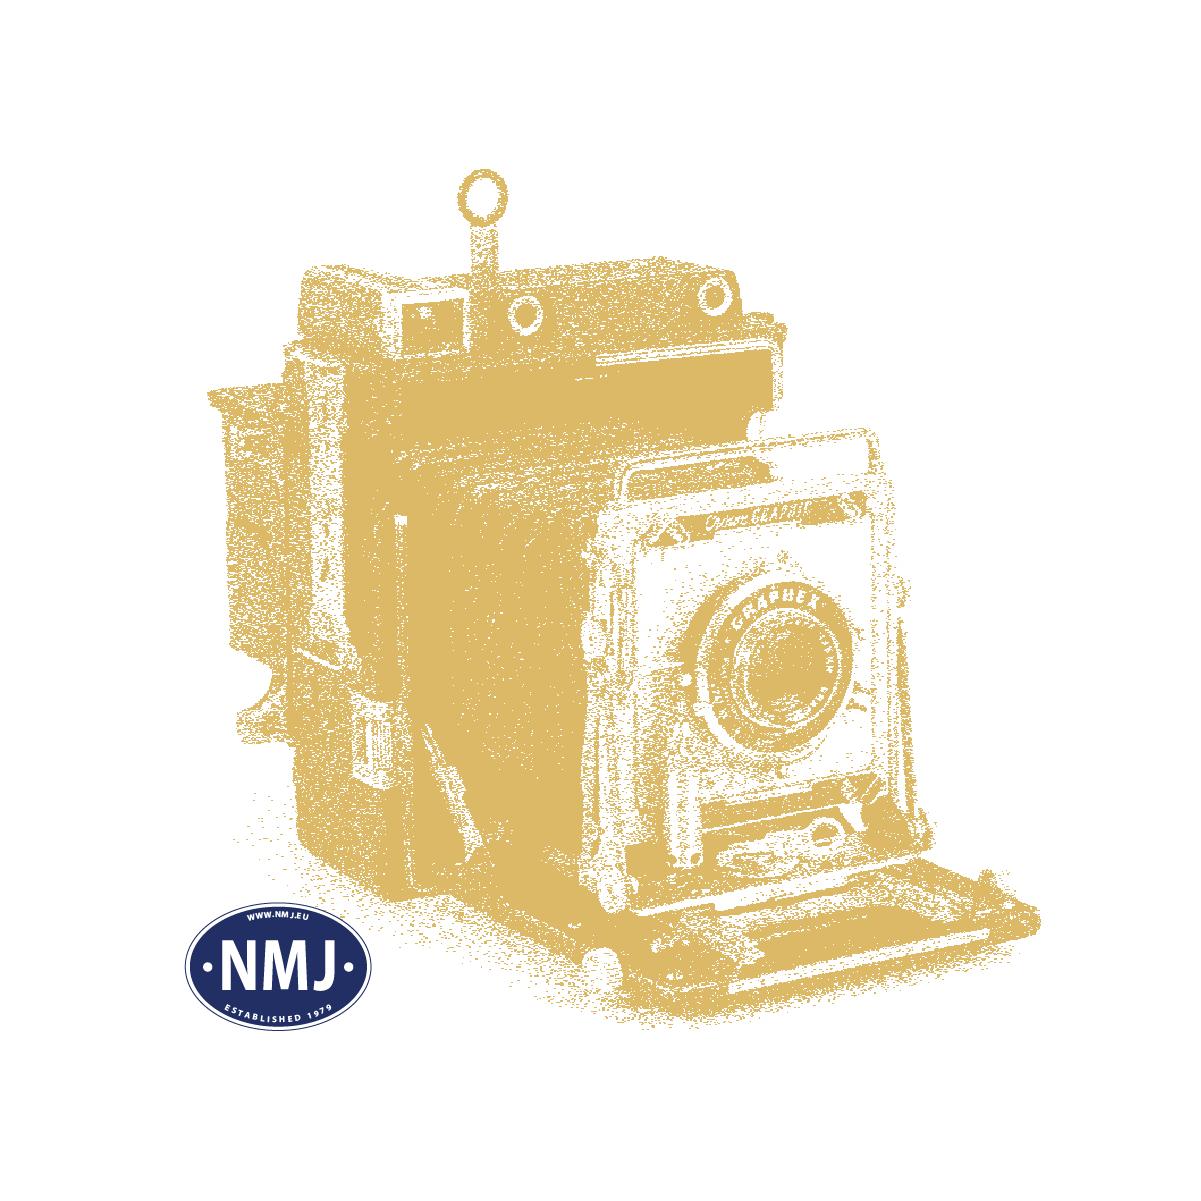 NMJSTL3-3 - NMJ Superline NSB Stakevogn Tl3 6886